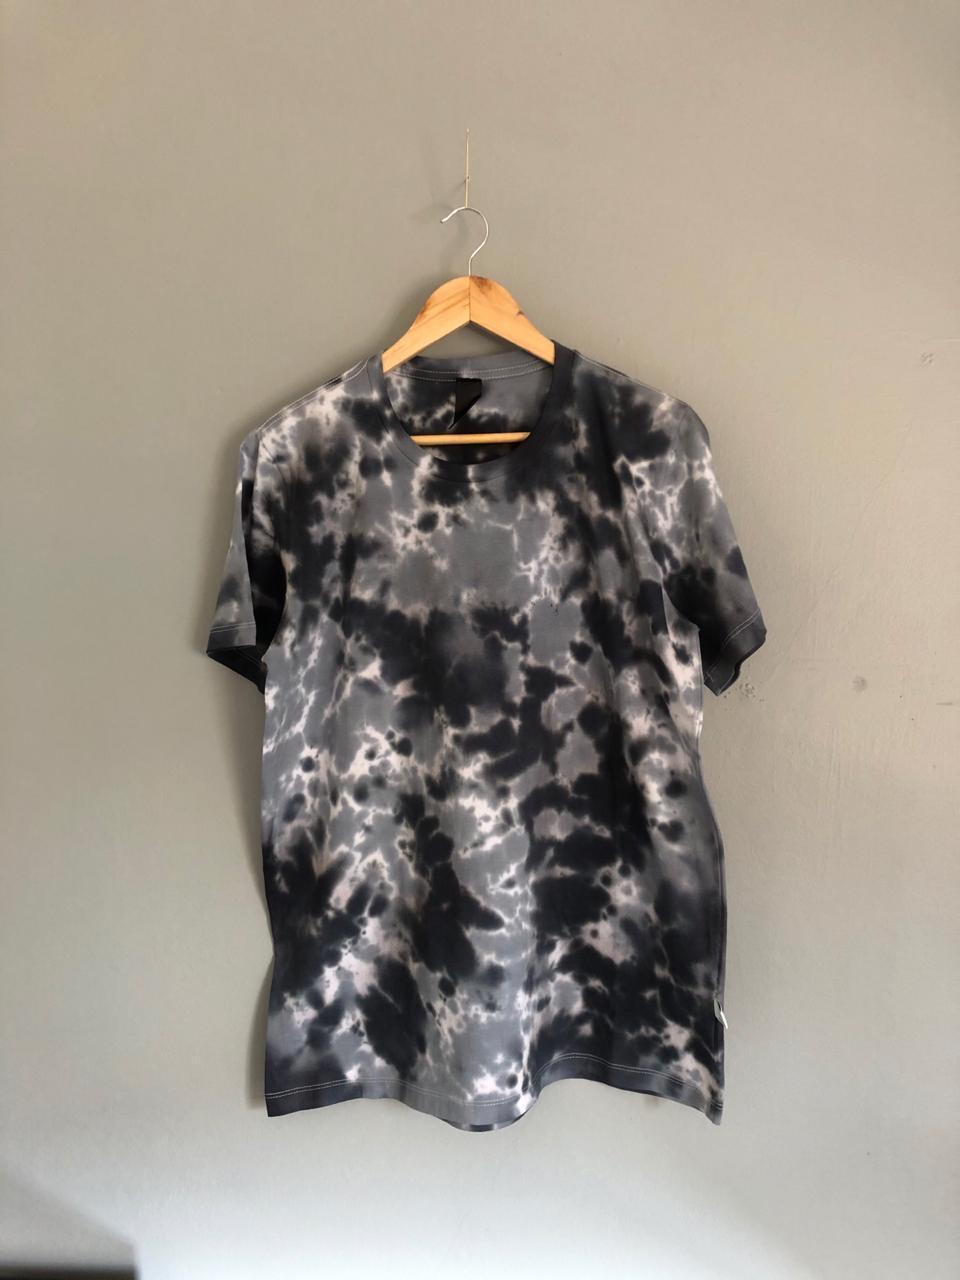 Camiseta Tie Dye - THUNDERSTORM